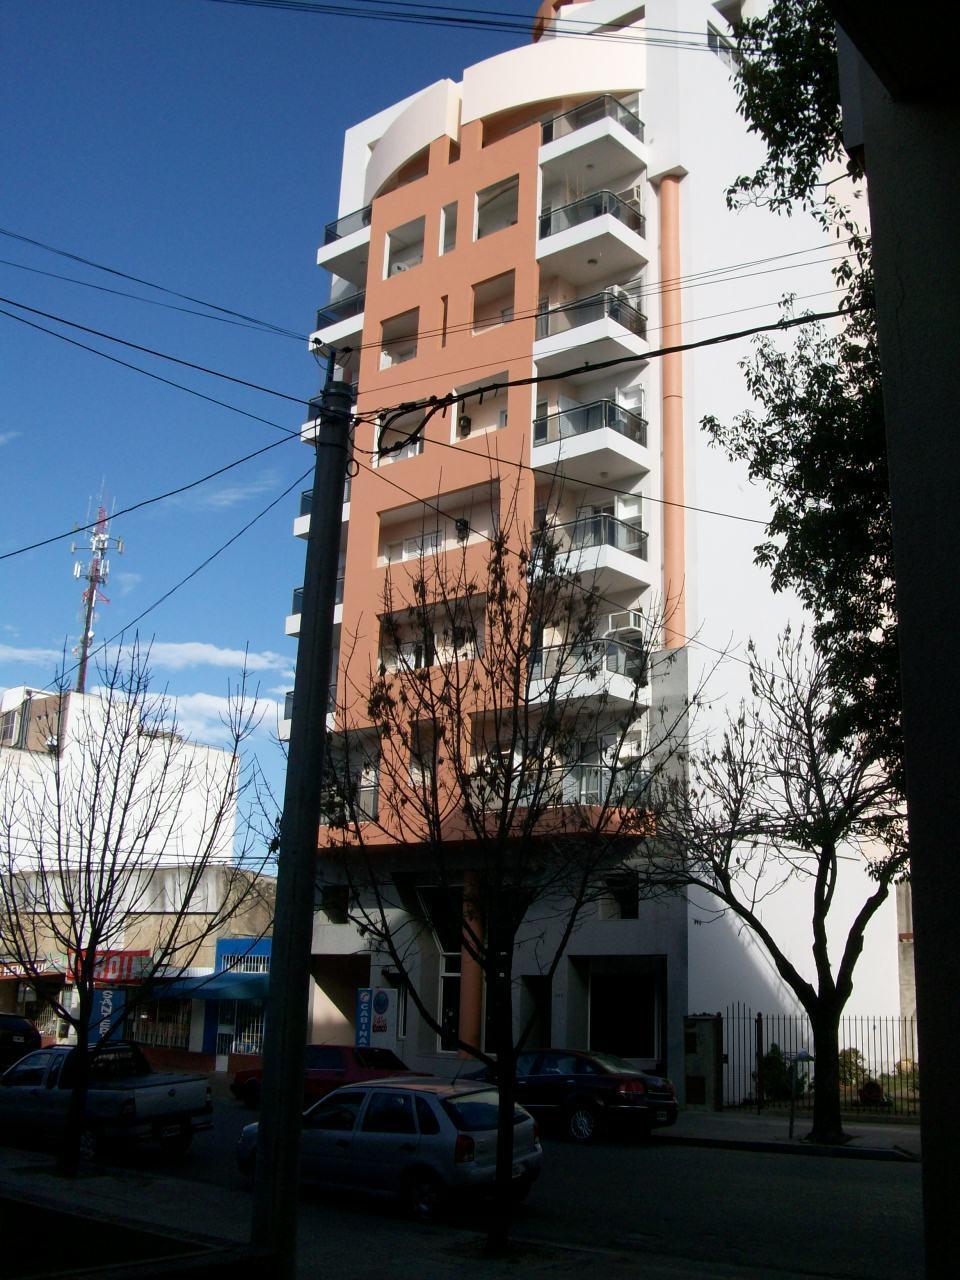 Sarmiento al 200 - Gaggiotti Inmobiliaria cuenta con más de 50 años desde que se inicio en el negocio de los servicios inmobiliarios.